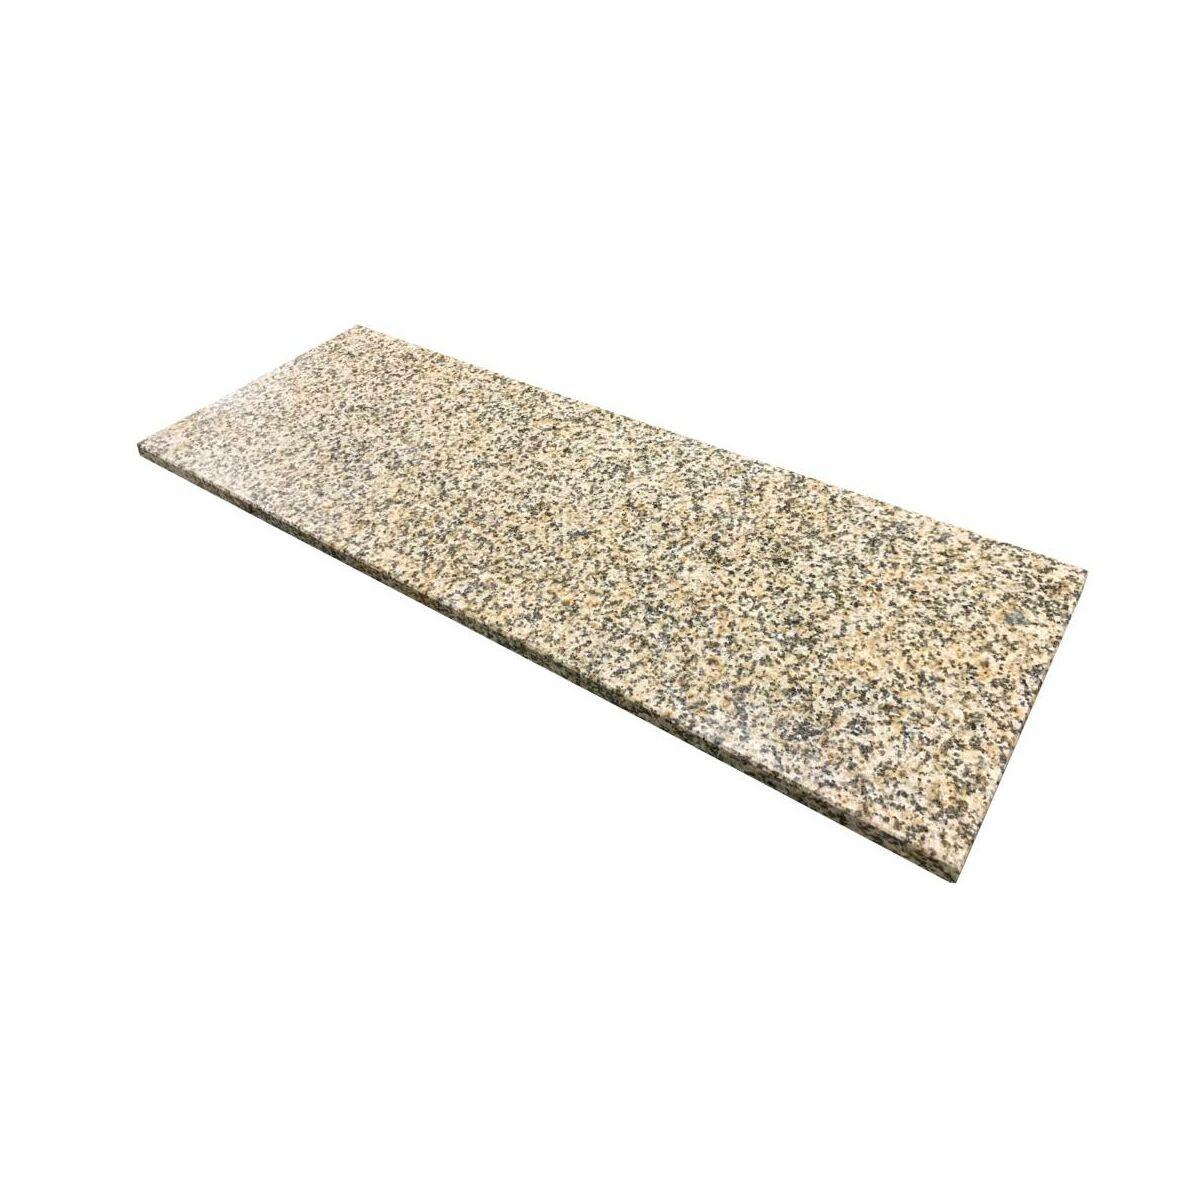 Parapet Wewnetrzny Granitowy Zolty 30 X 182 Cm Knap Parapety Zewnetrzne W Atrakcyjnej Cenie W Sklepach Leroy Merlin